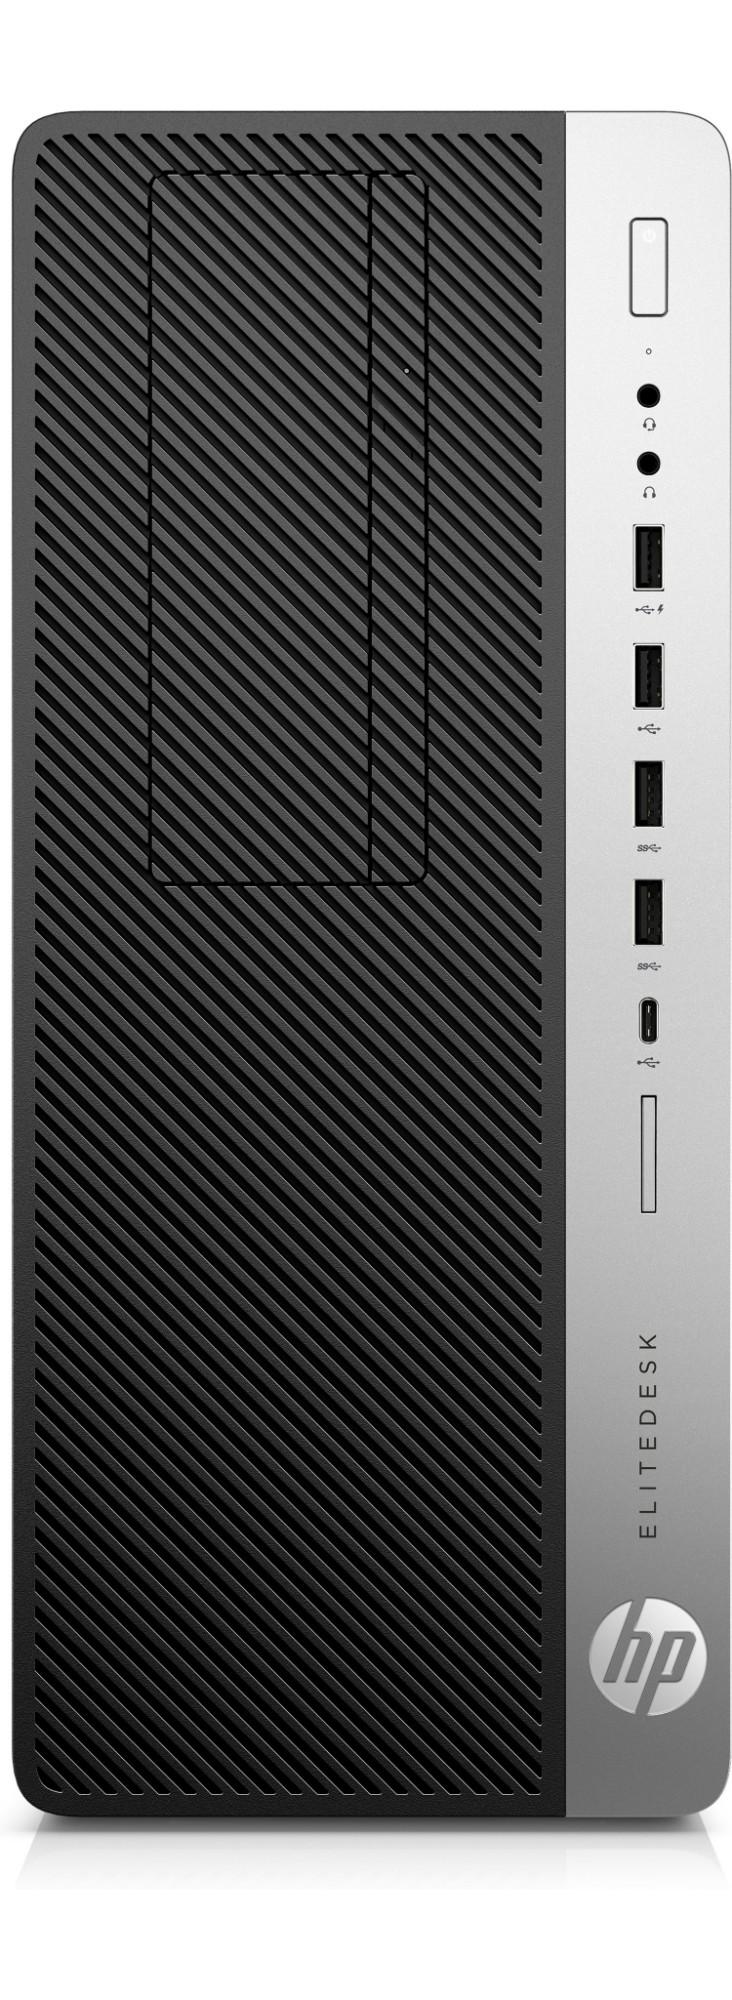 HP EliteDesk 800 G3 Tower PC (ENERGY STAR)